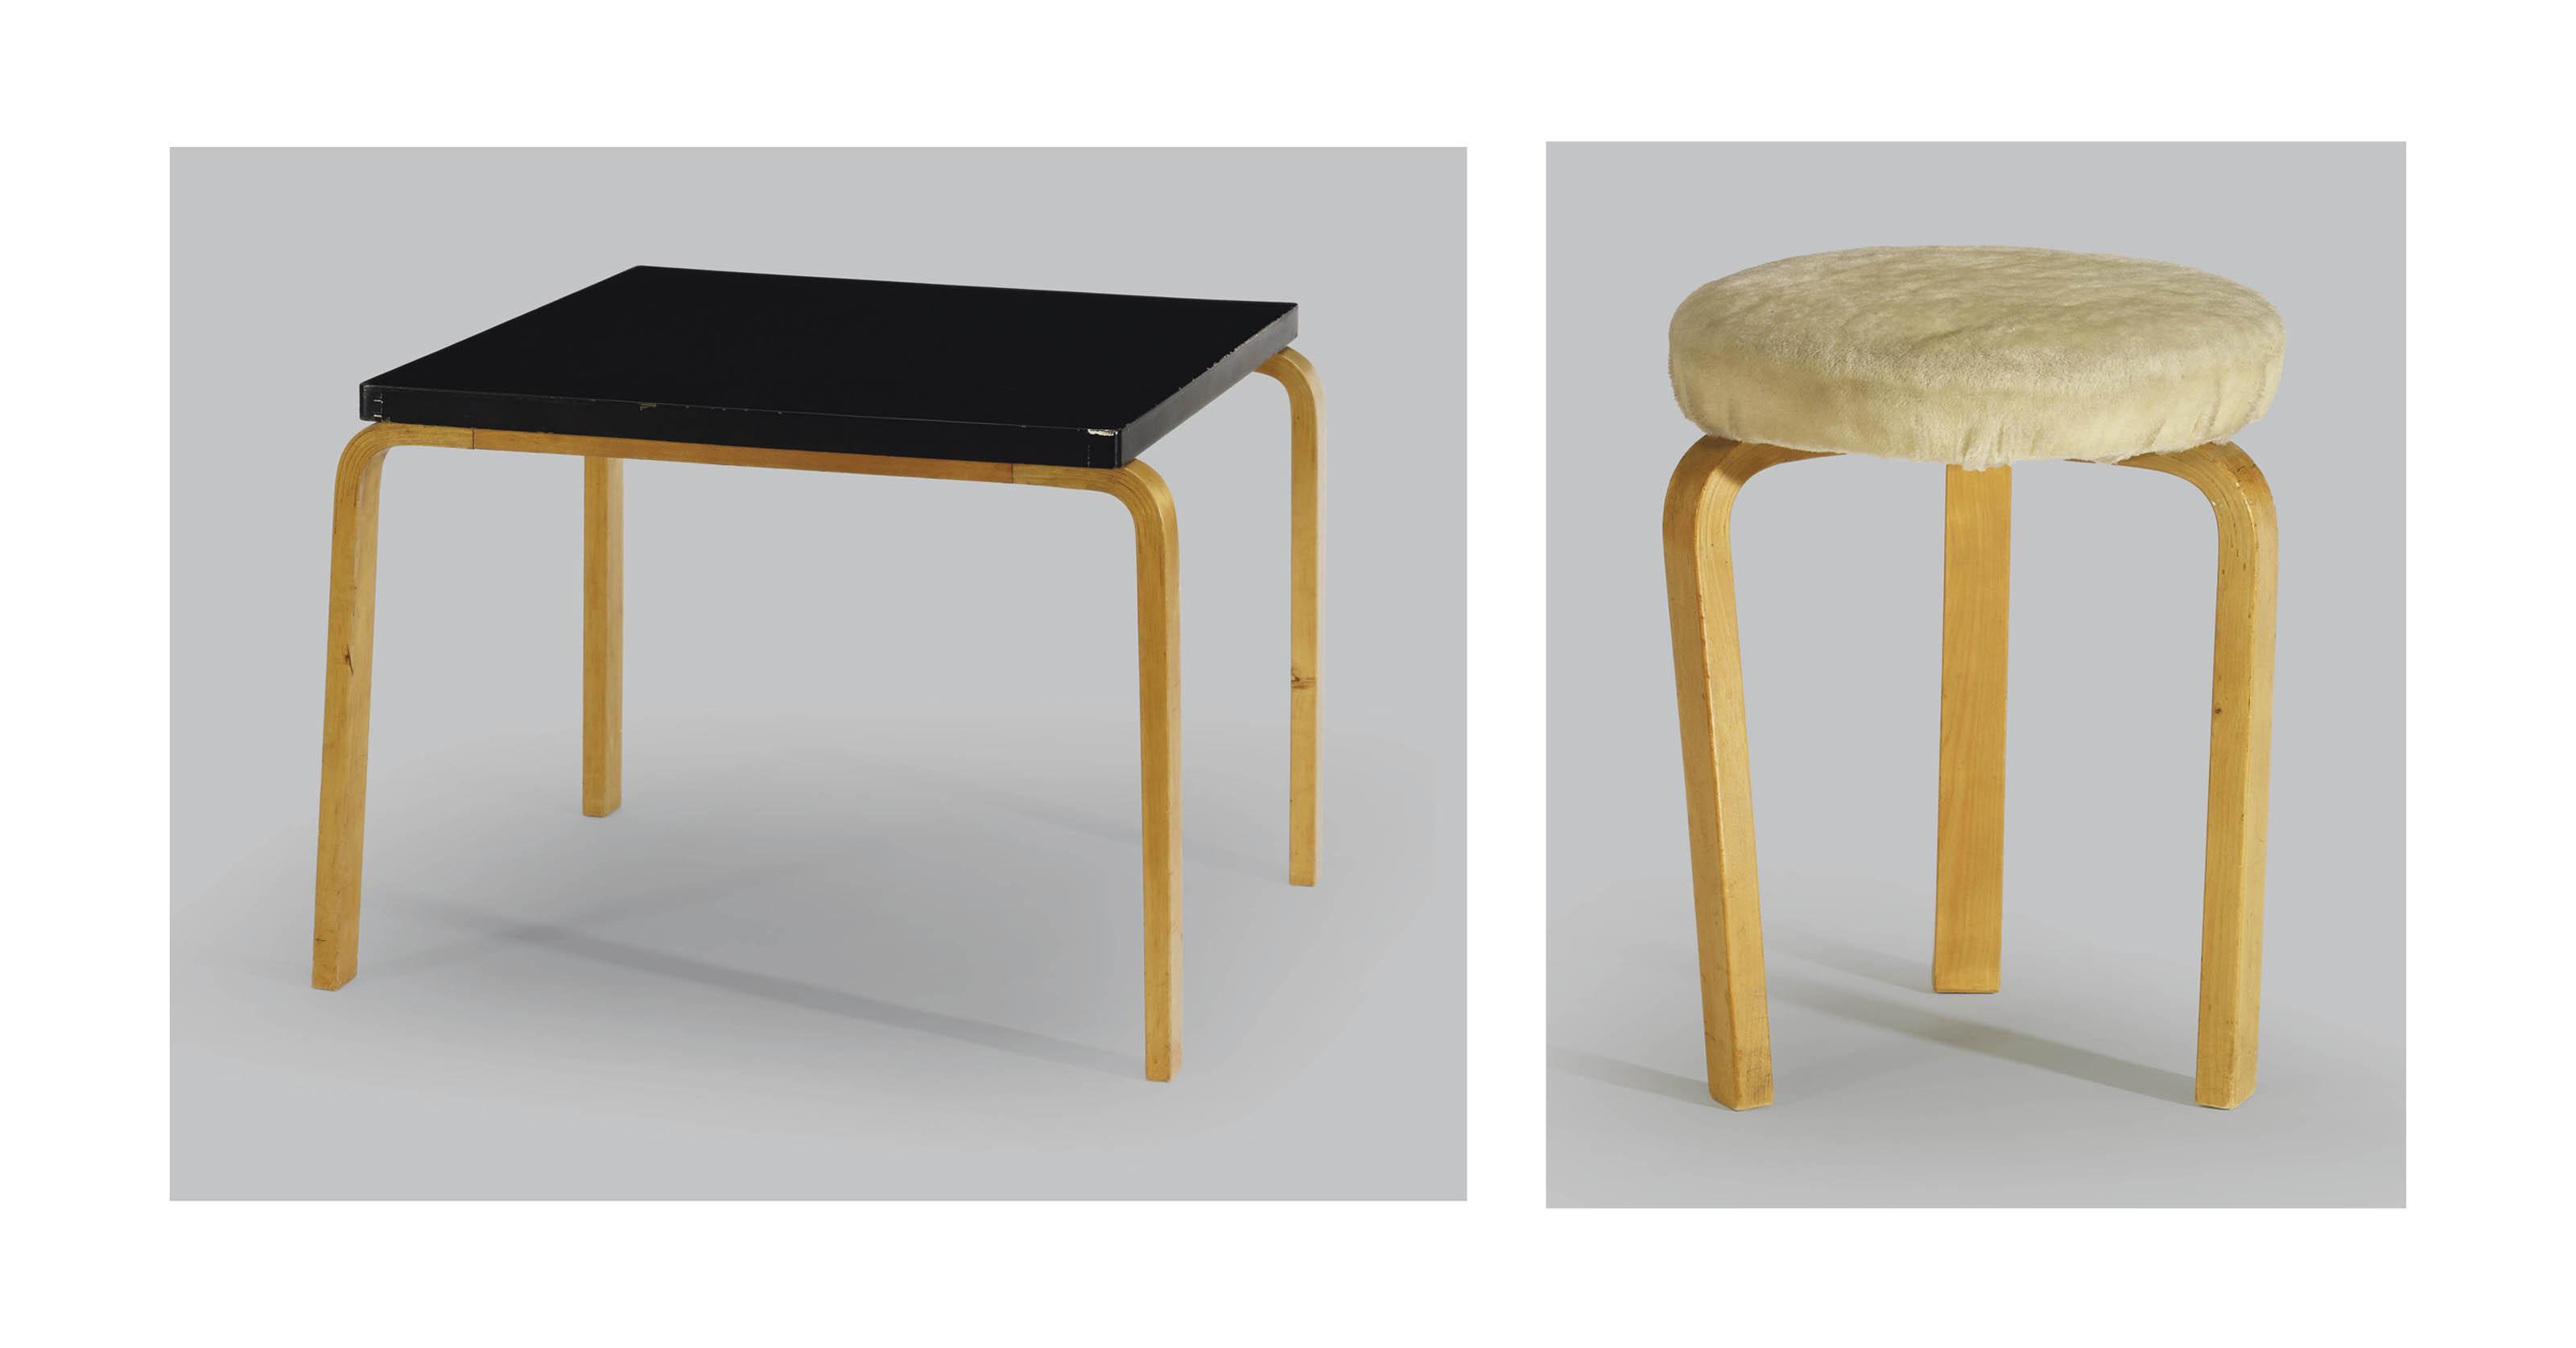 Tisch (Modell Nr. 81) & Hocker (Modell Nr. 60), Entwurf von 1932/33